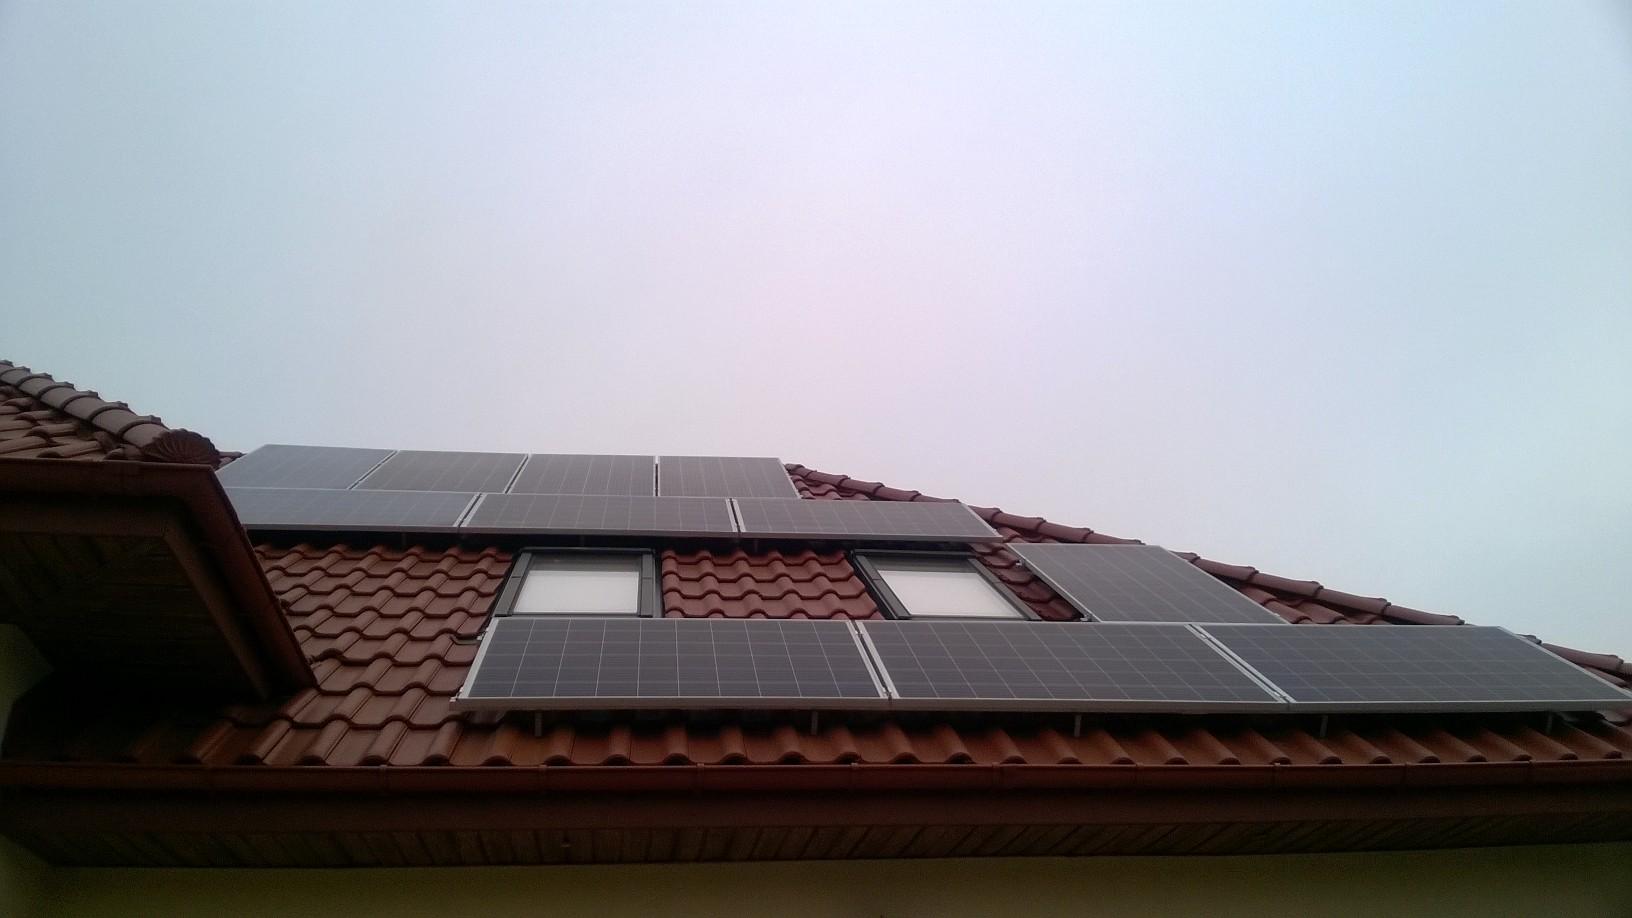 Instalacja fotowoltaiczna na budynku domu jednorodzinnego w wykonaniu APP Energy